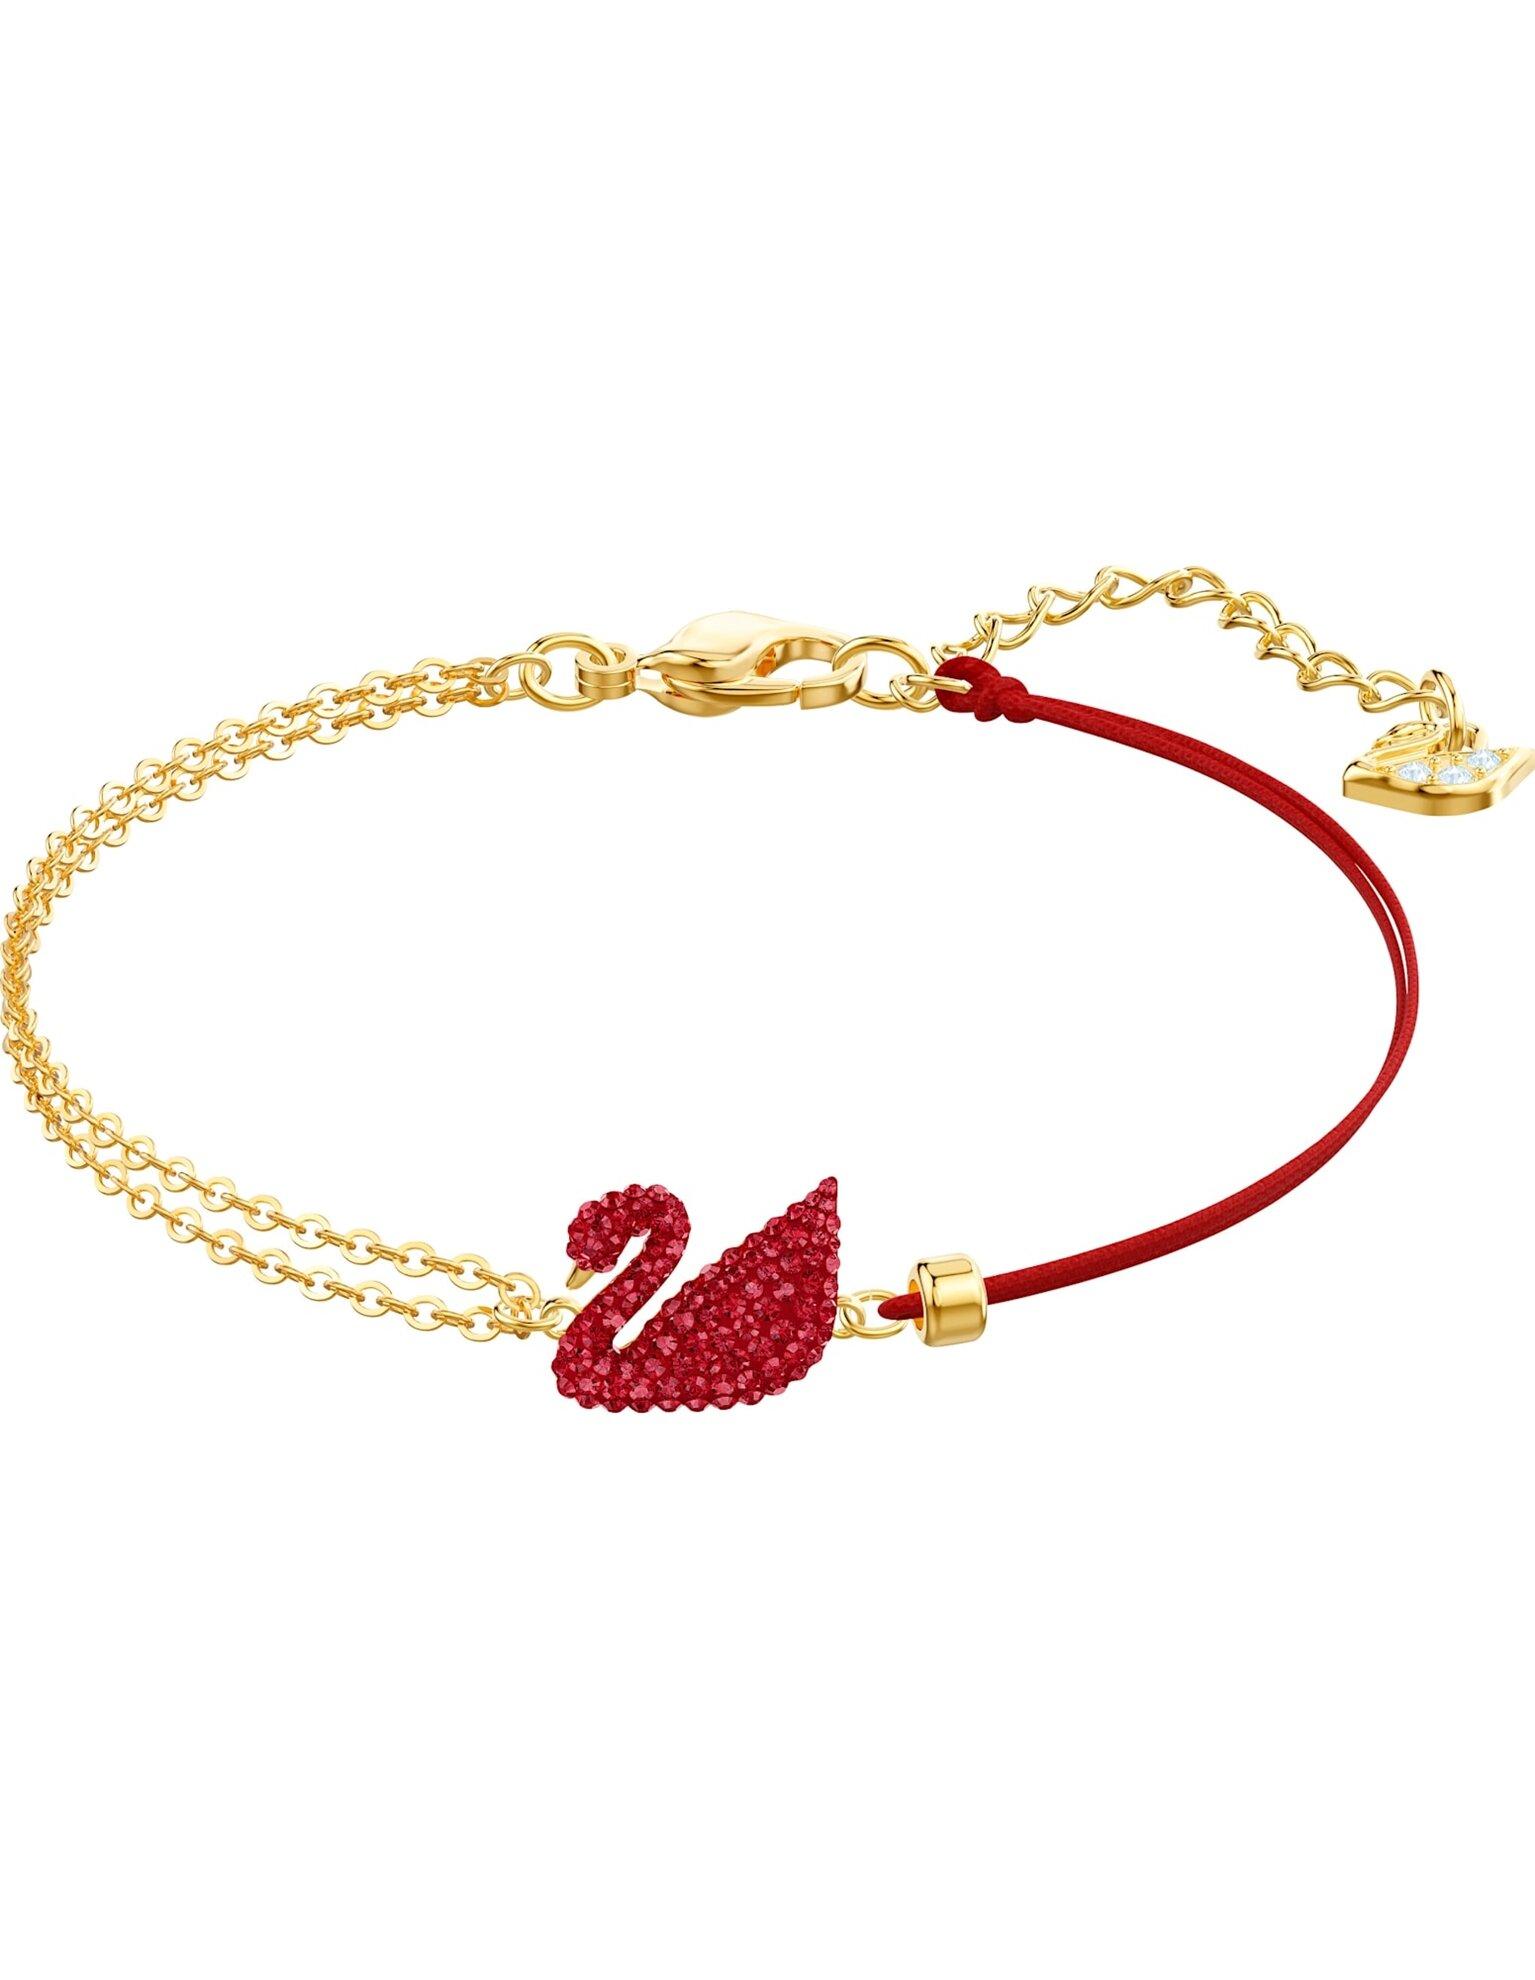 Picture of Iconic Swan Bileklik, Kırmızı, Altın rengi kaplama